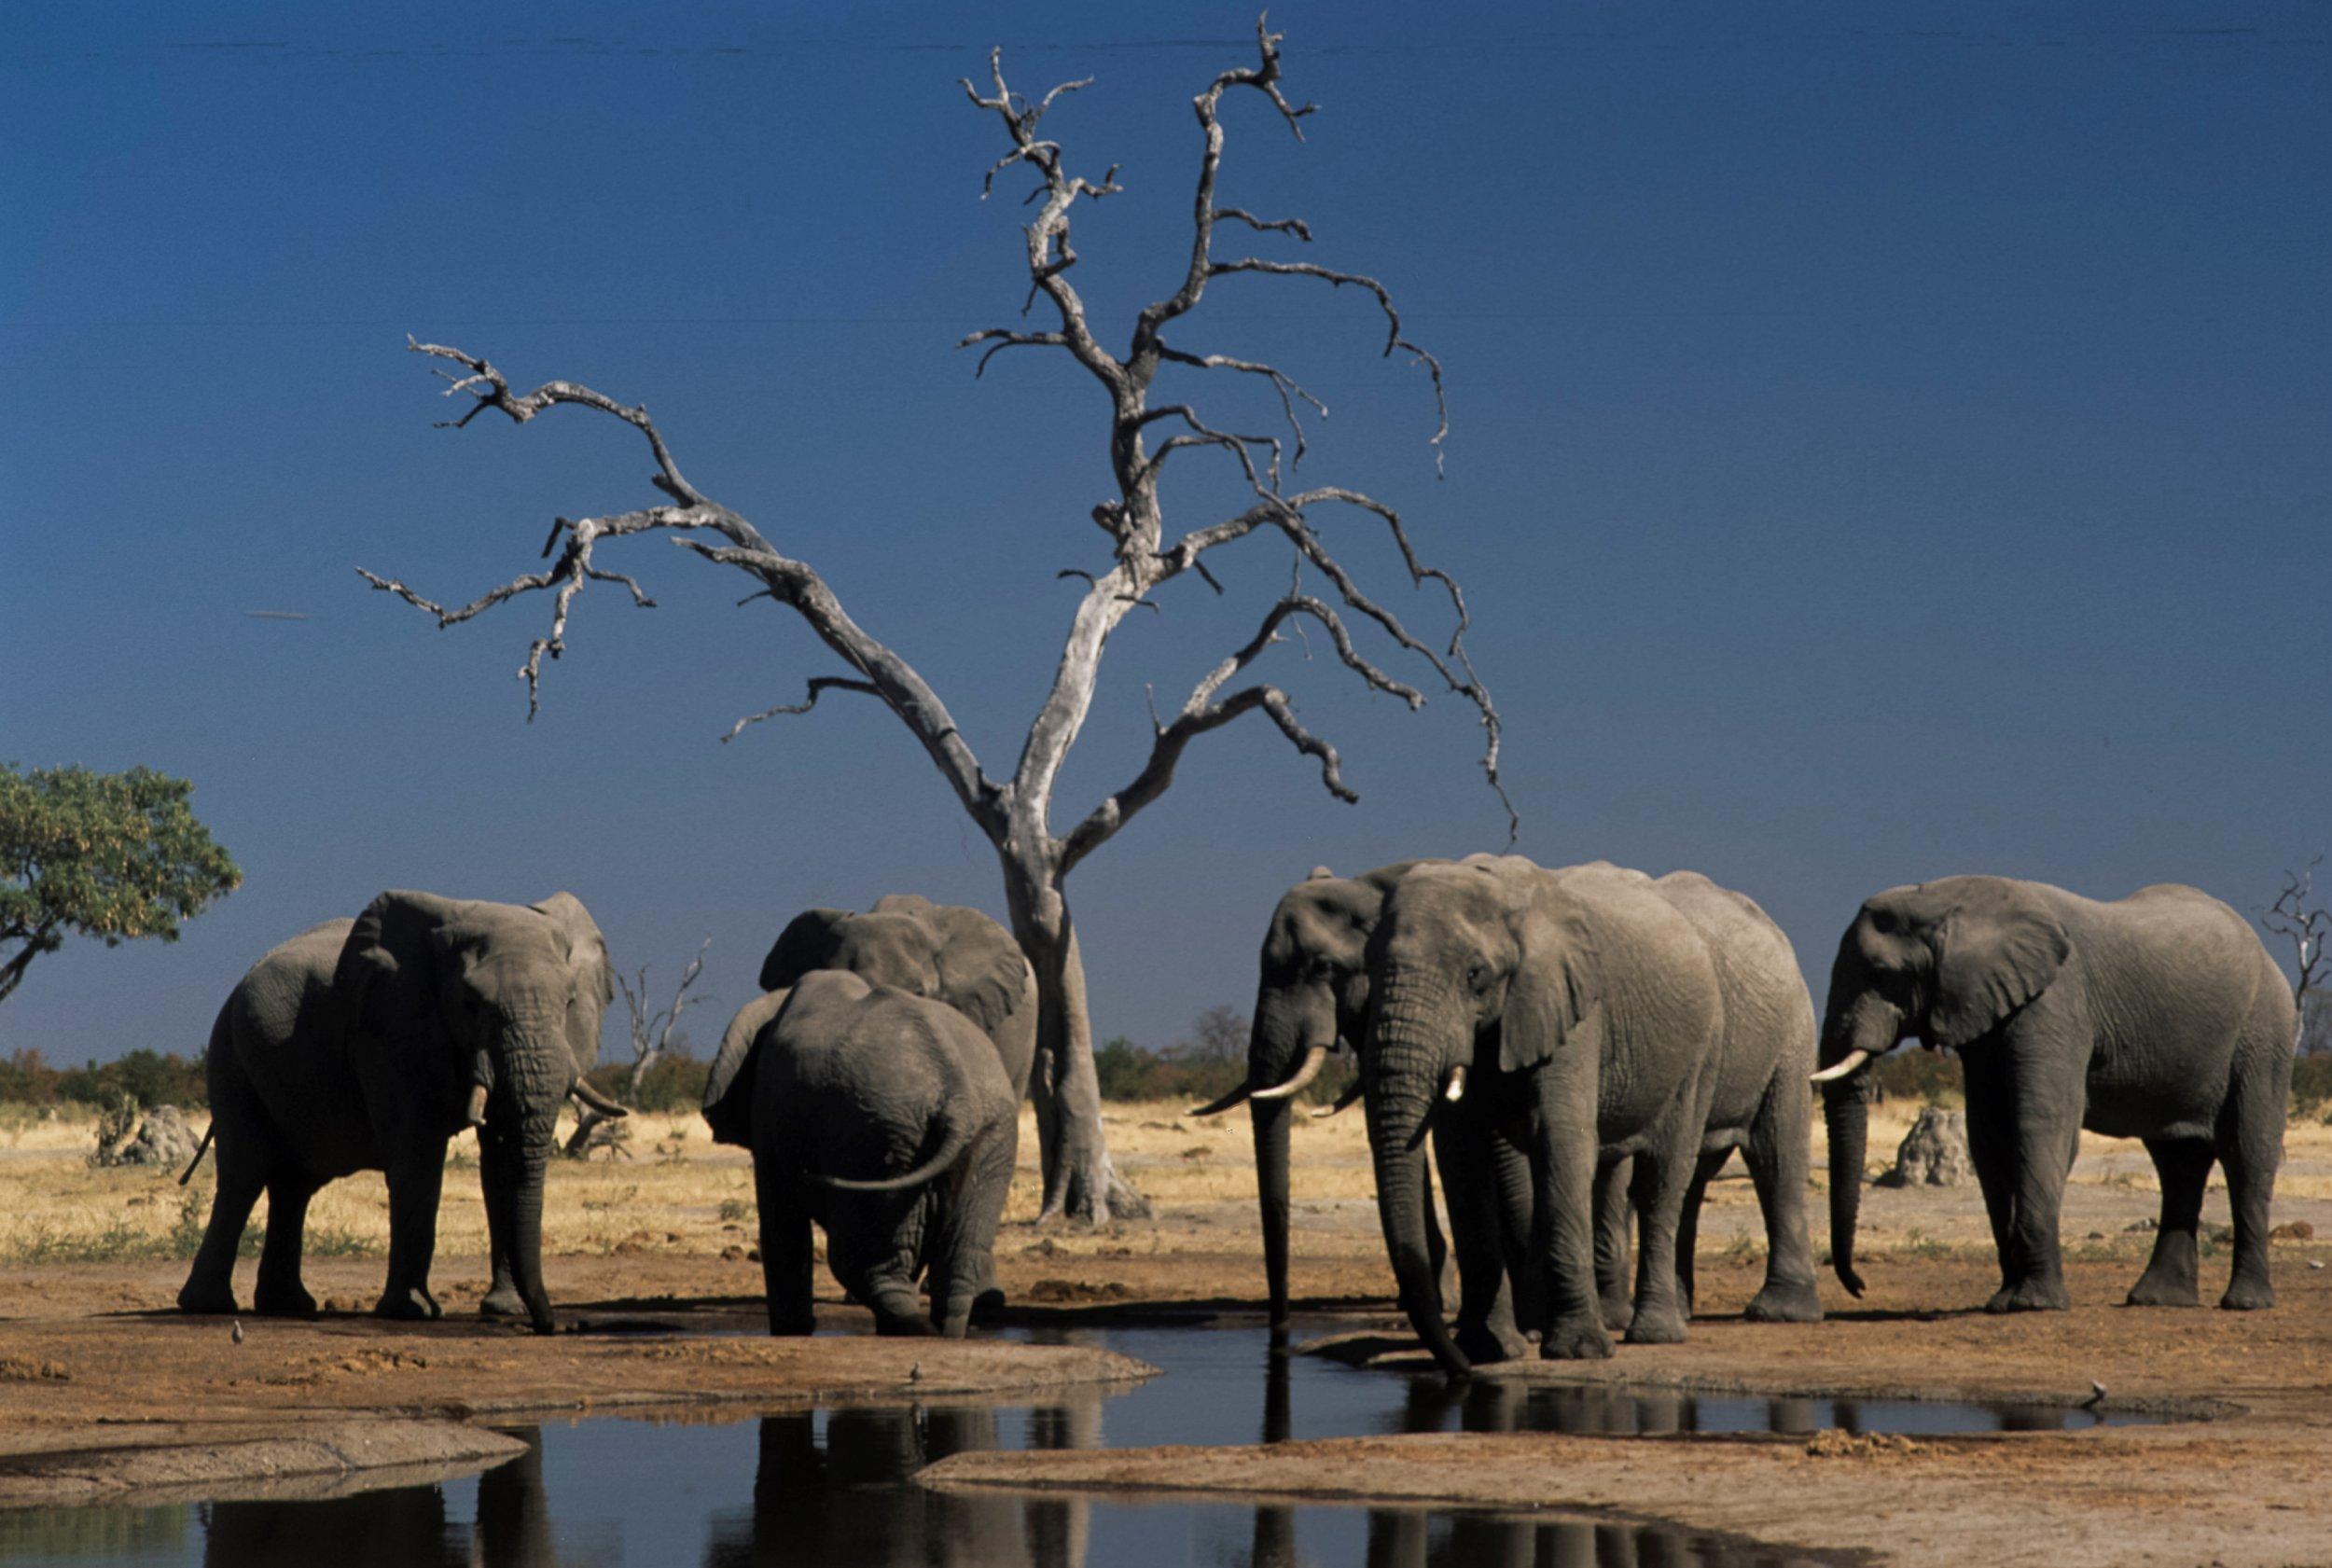 Elephants, Botswana, Africa (Photo by Marka/UIG around Getty Images)